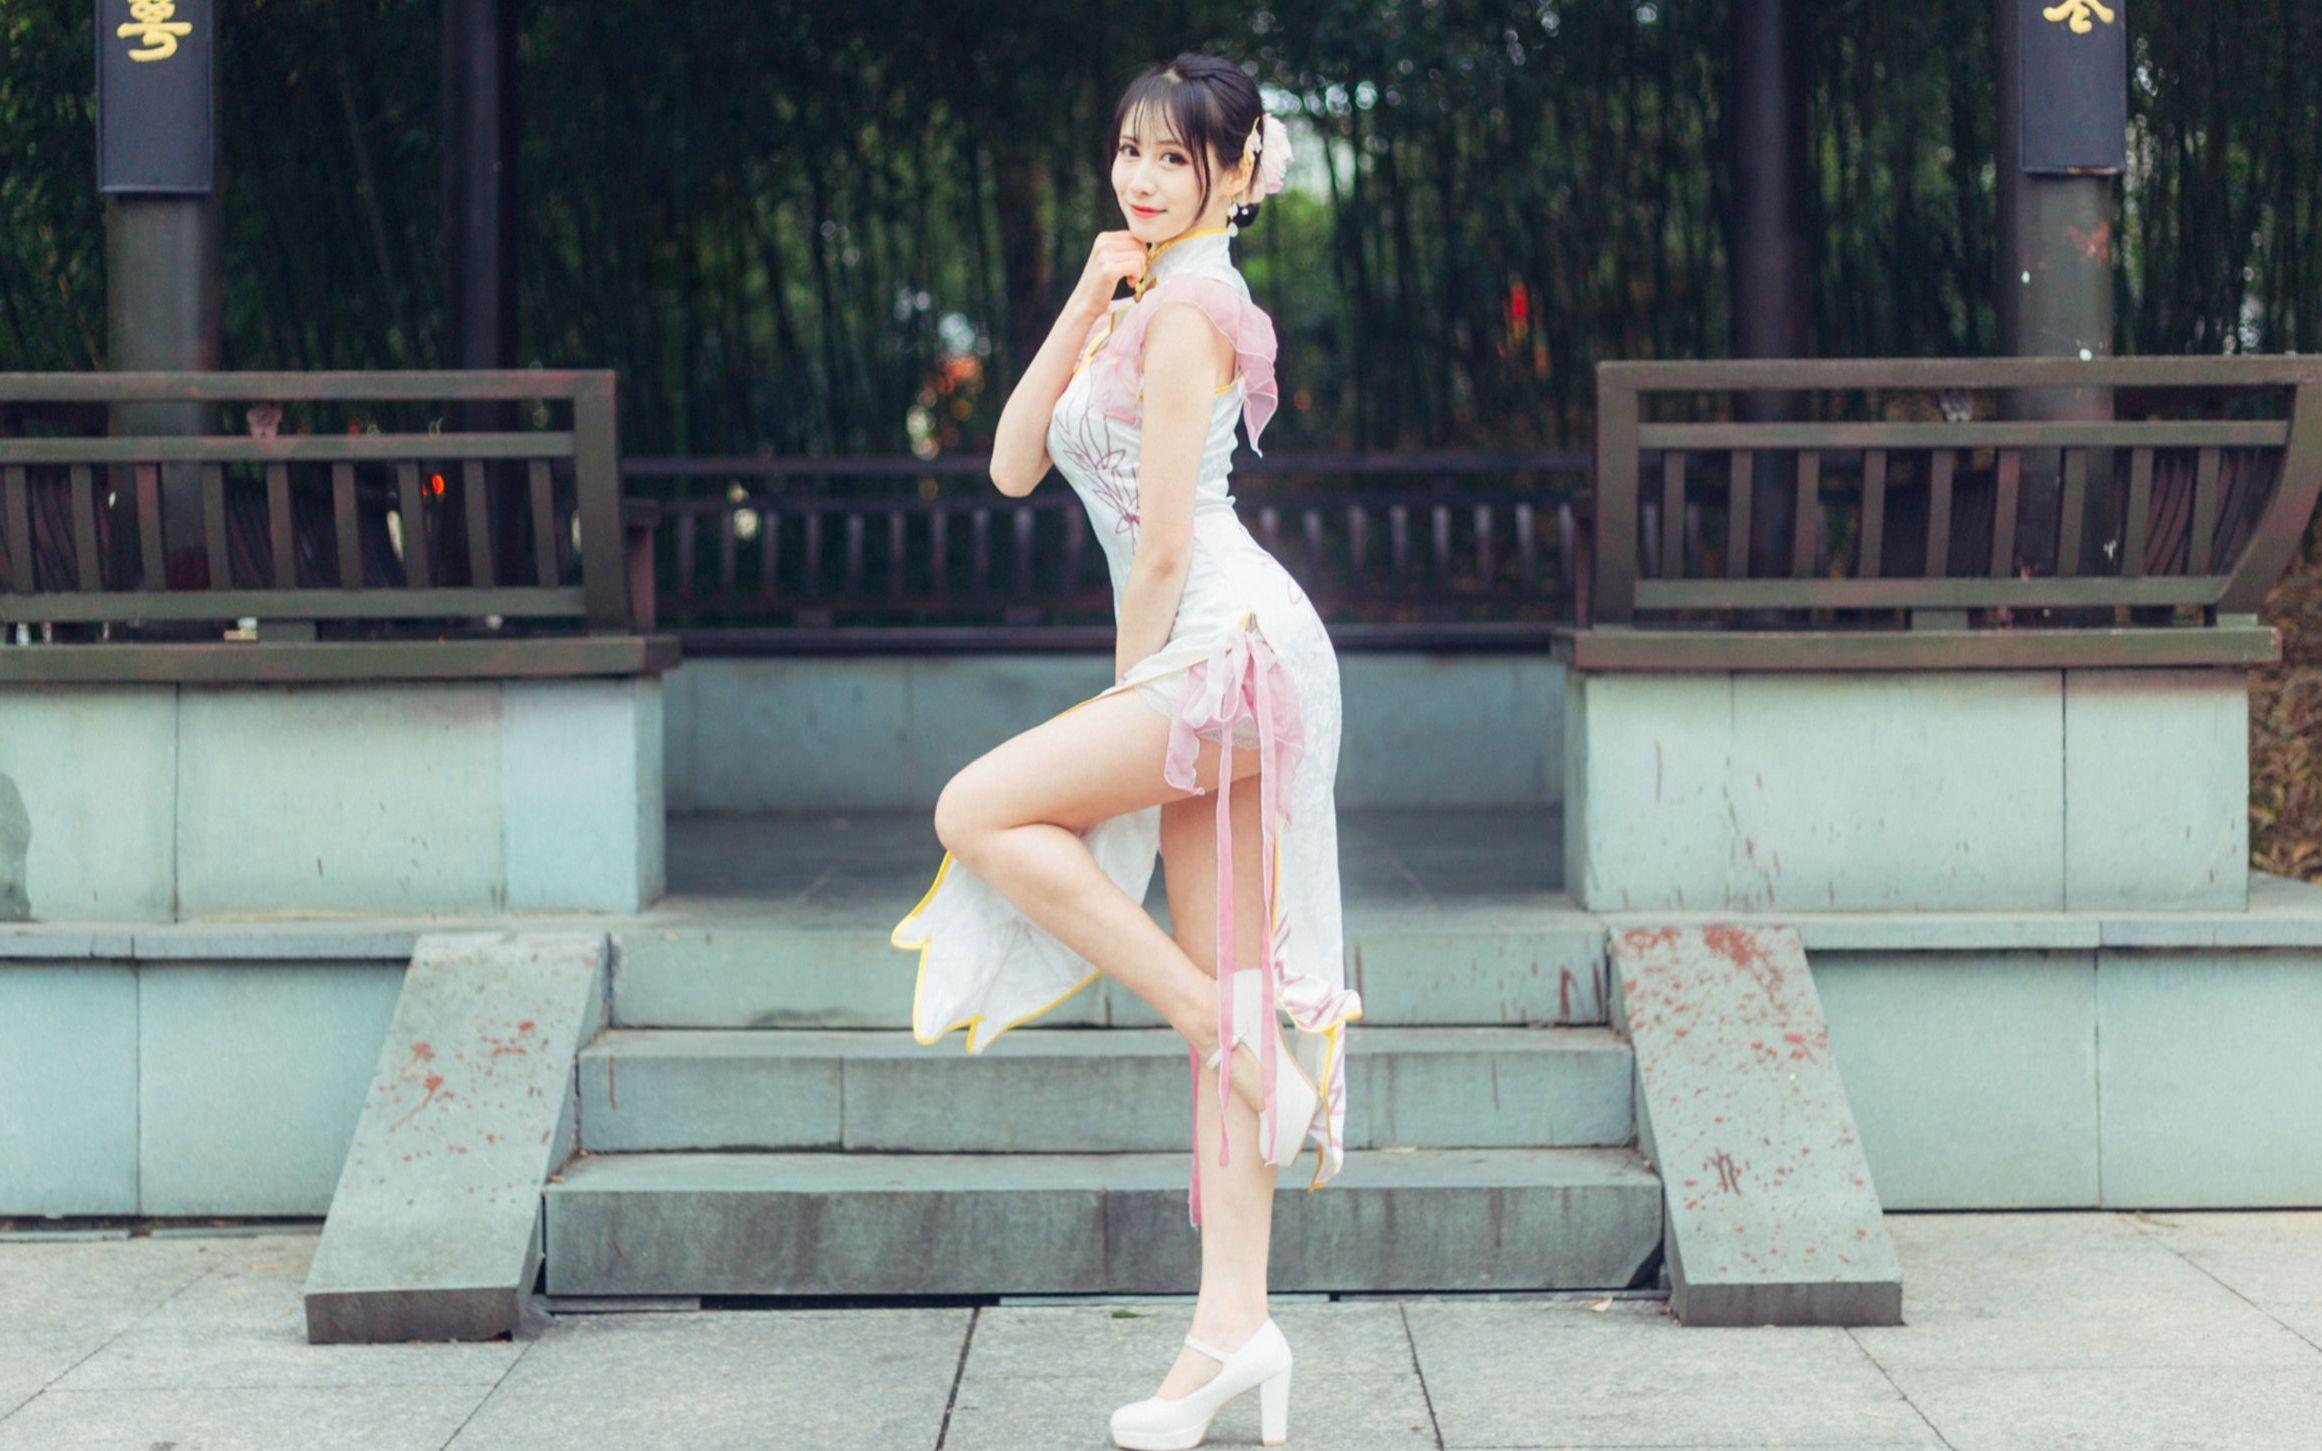 【小仙若】千里邀月❤ 在寒风中起舞